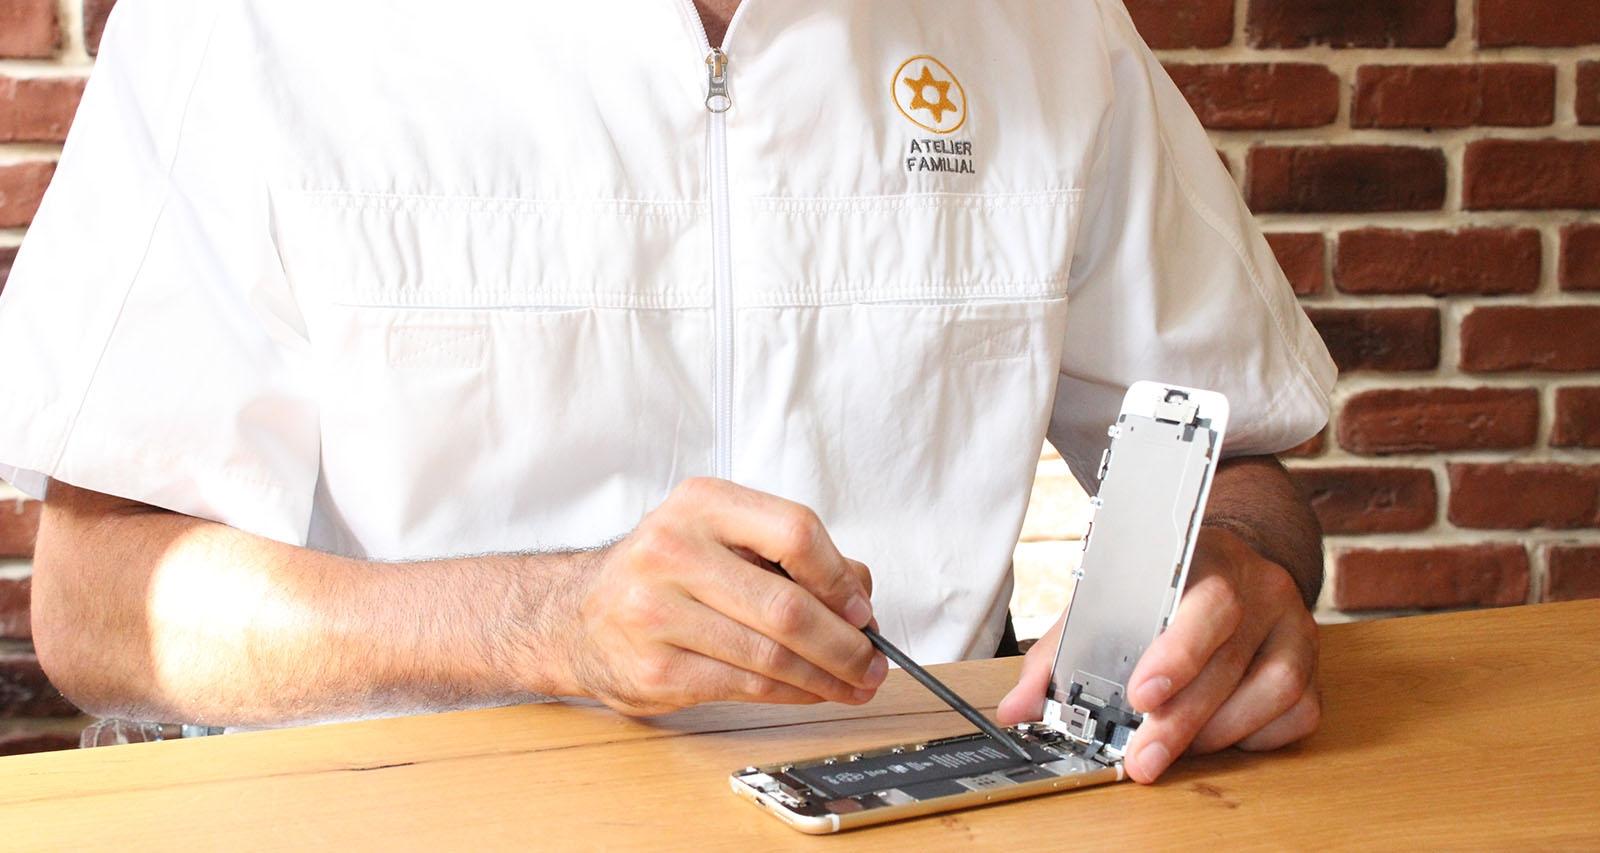 Réparation iPhone à Metz. Remplacement Vitre Écran iPhone